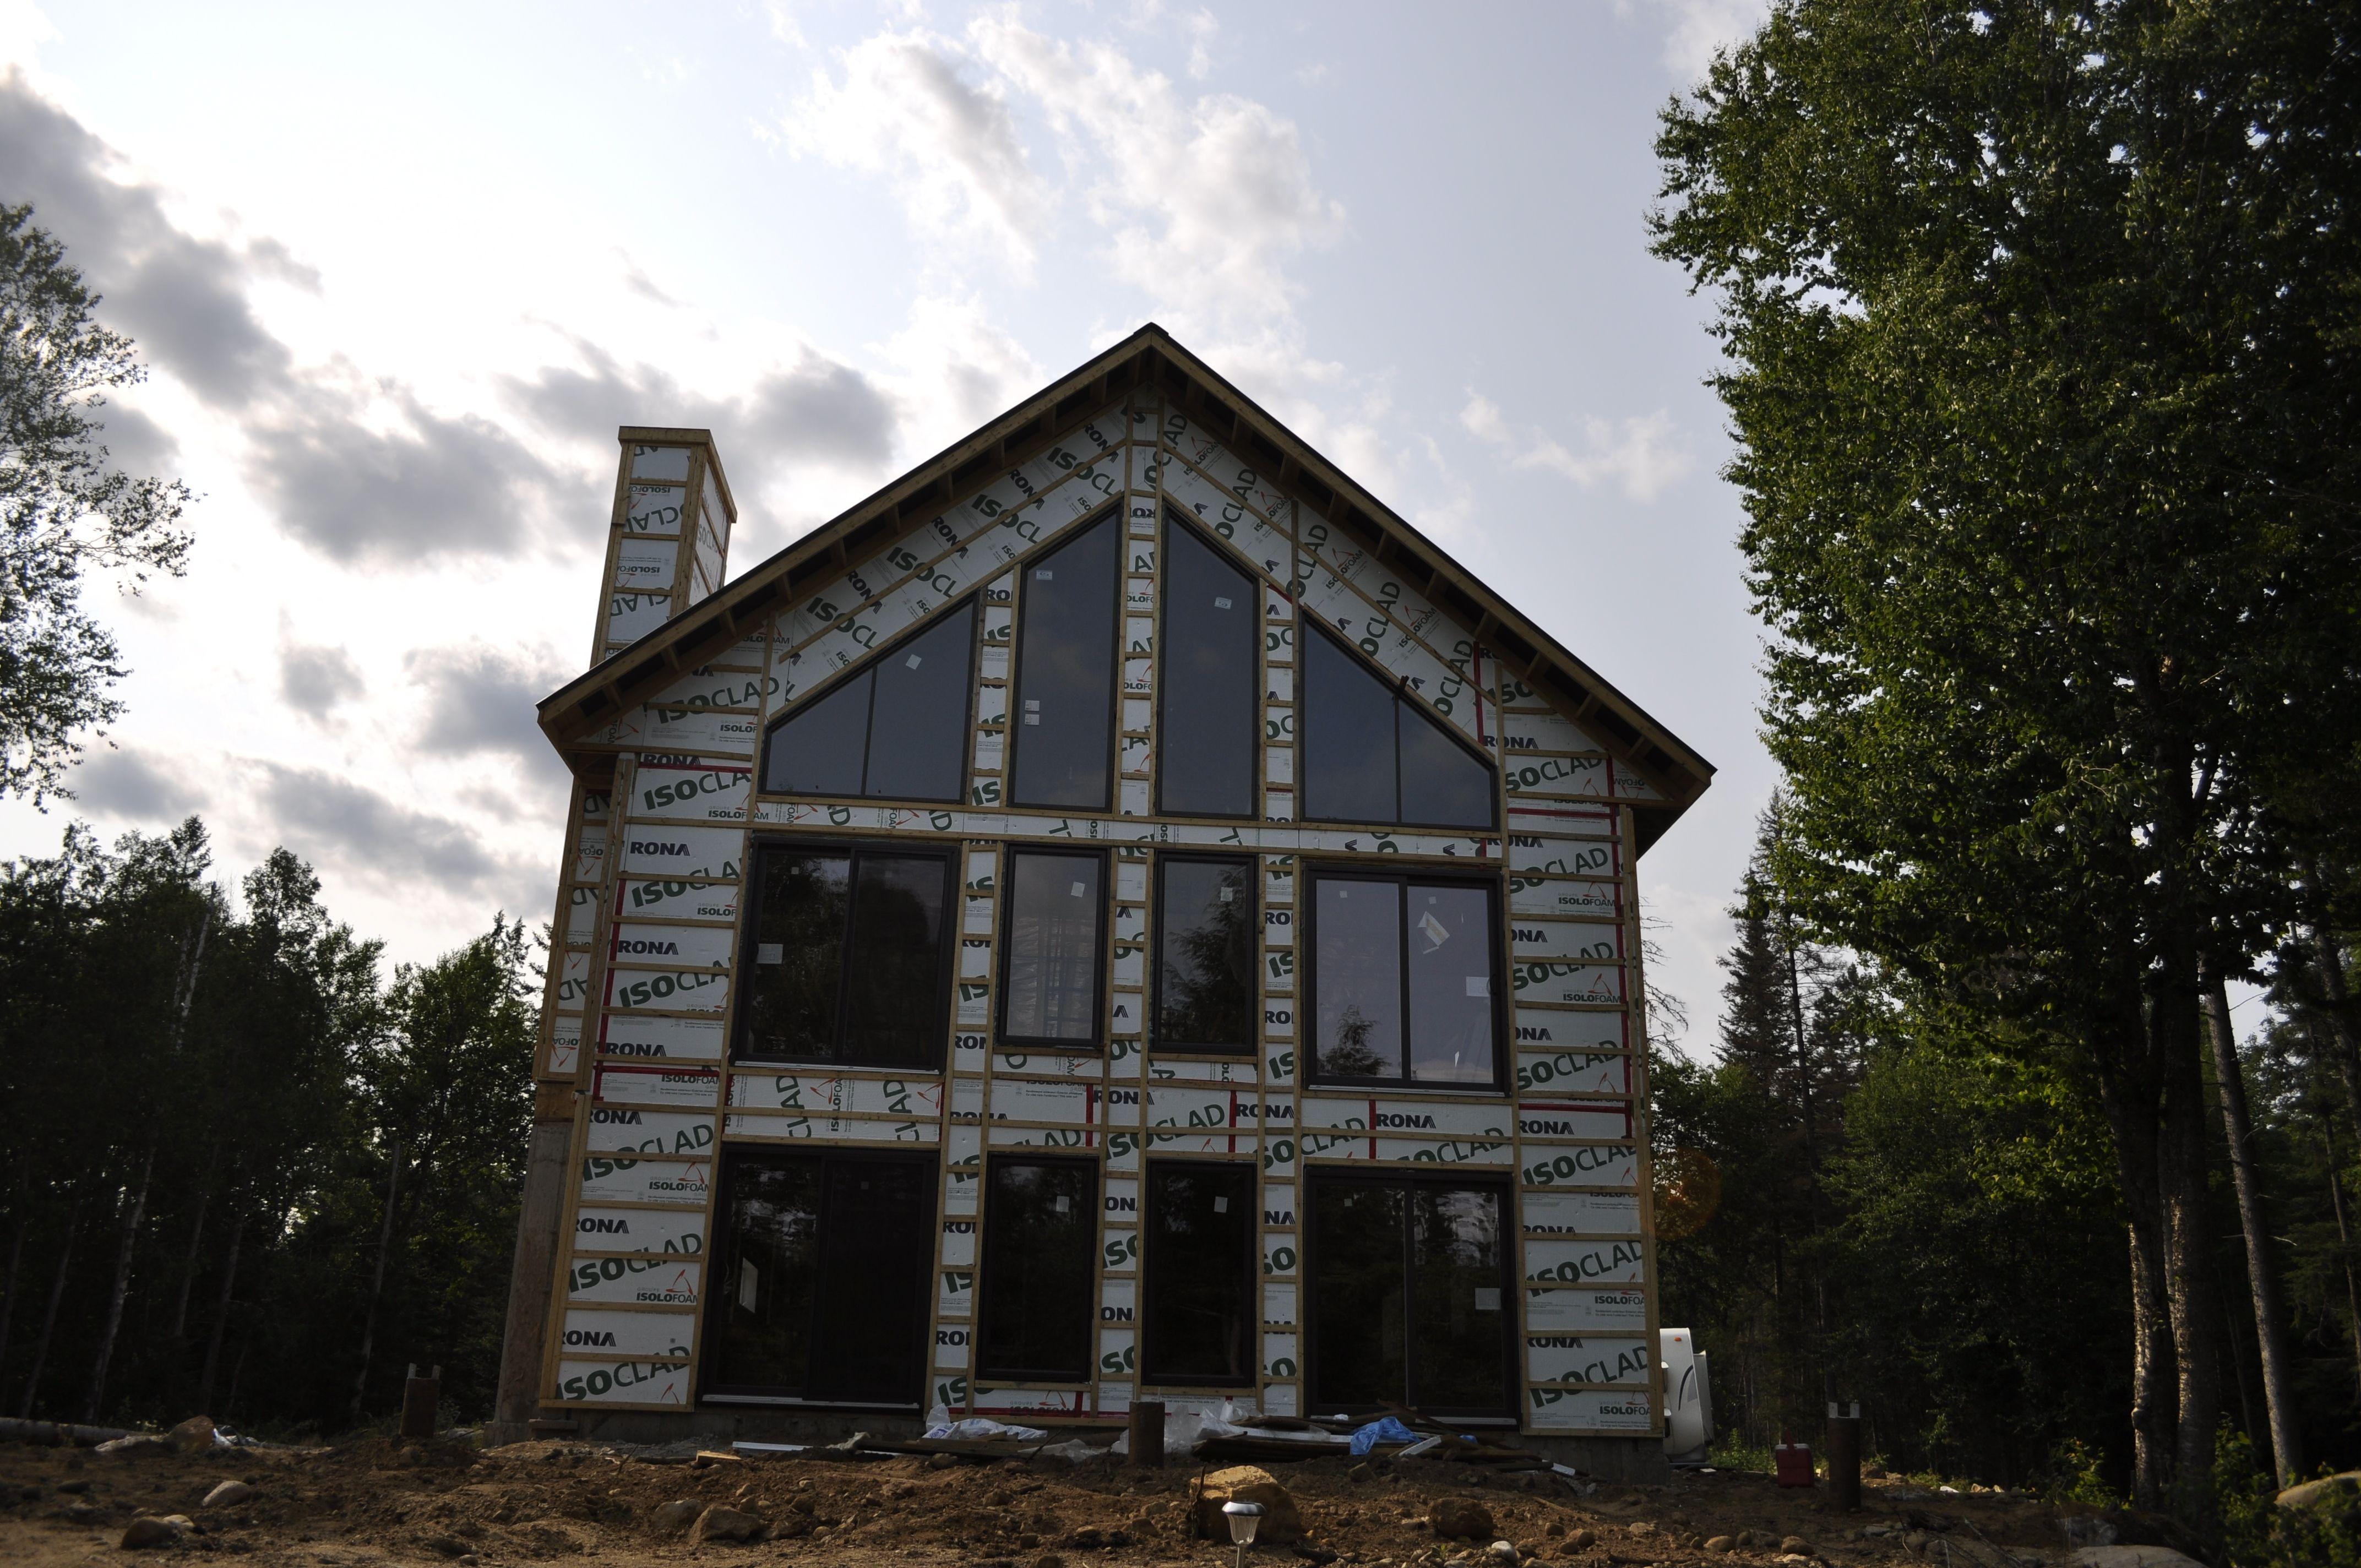 Structure de maison chalet avec mur de vitre et intérieur cathédrale